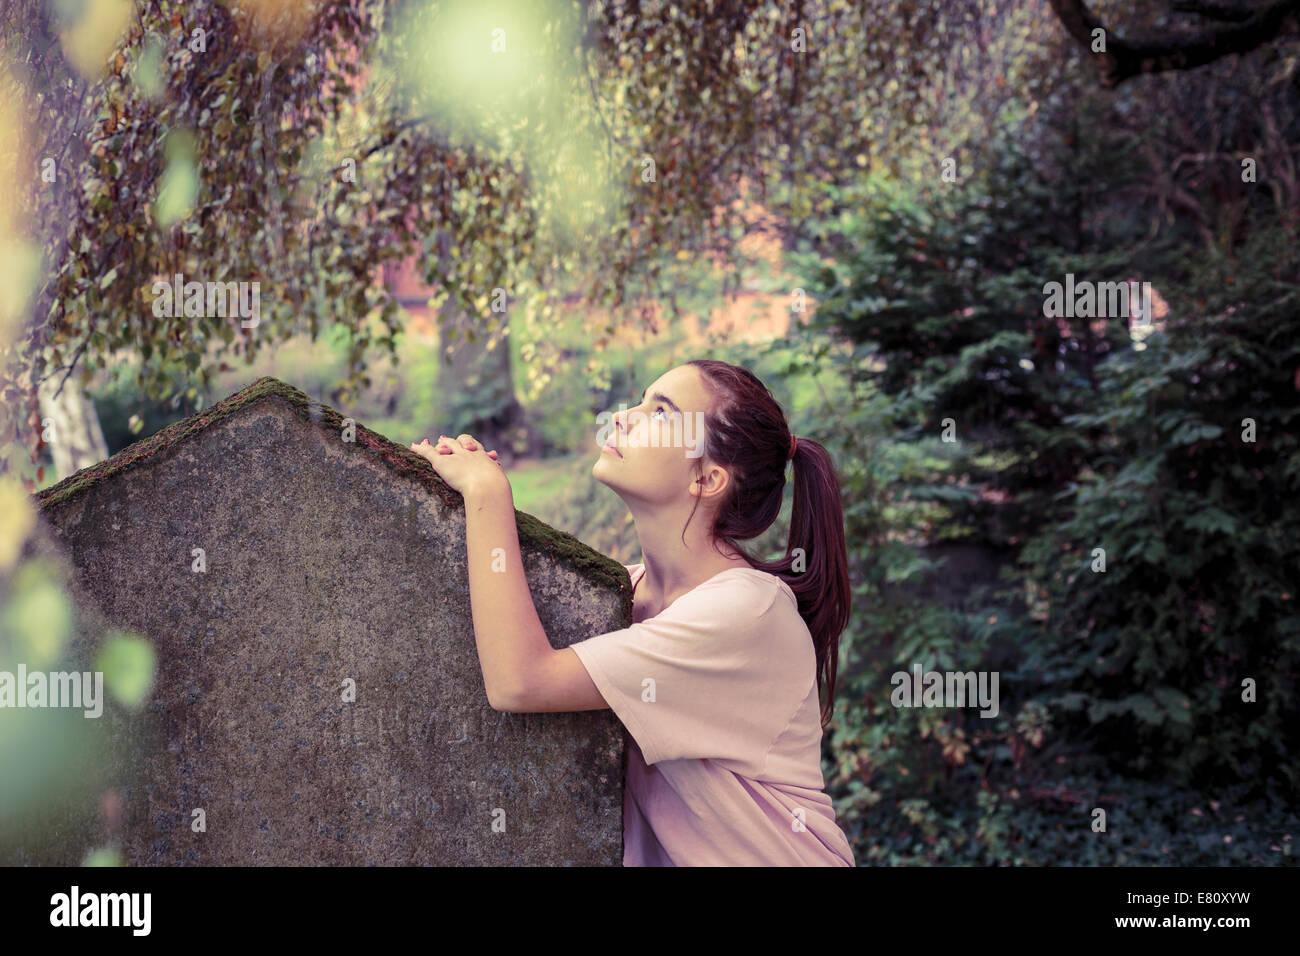 Vintage disparar a una mujer tocando una lápida cubierto de musgo Imagen De Stock